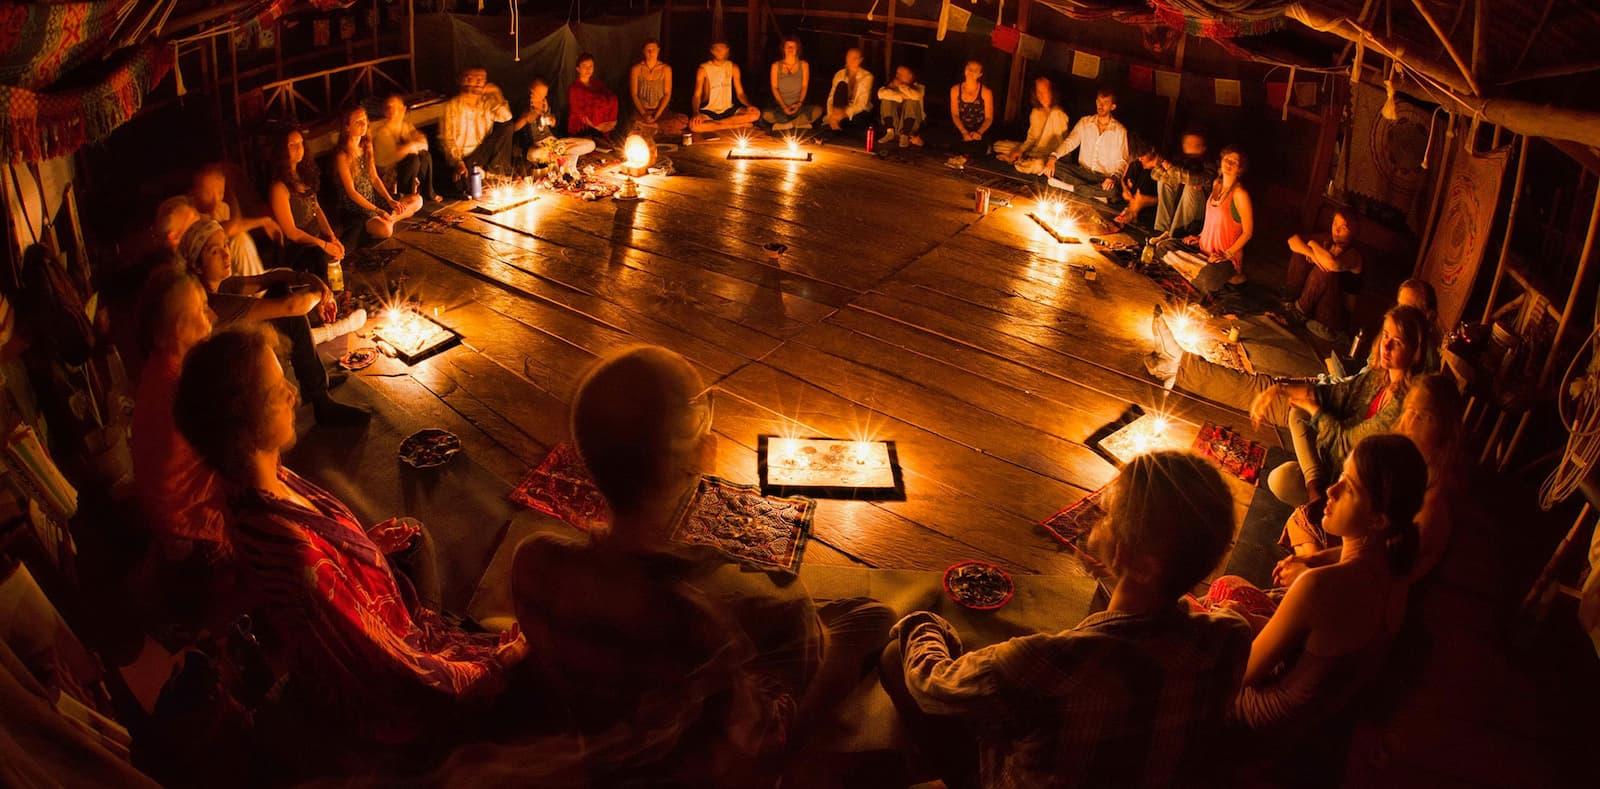 Coca Ceremony Paititi Institute Iquitos Peru Greg Goodman AdventuresofaGoodMan 2014 04 10 18 44 31 1